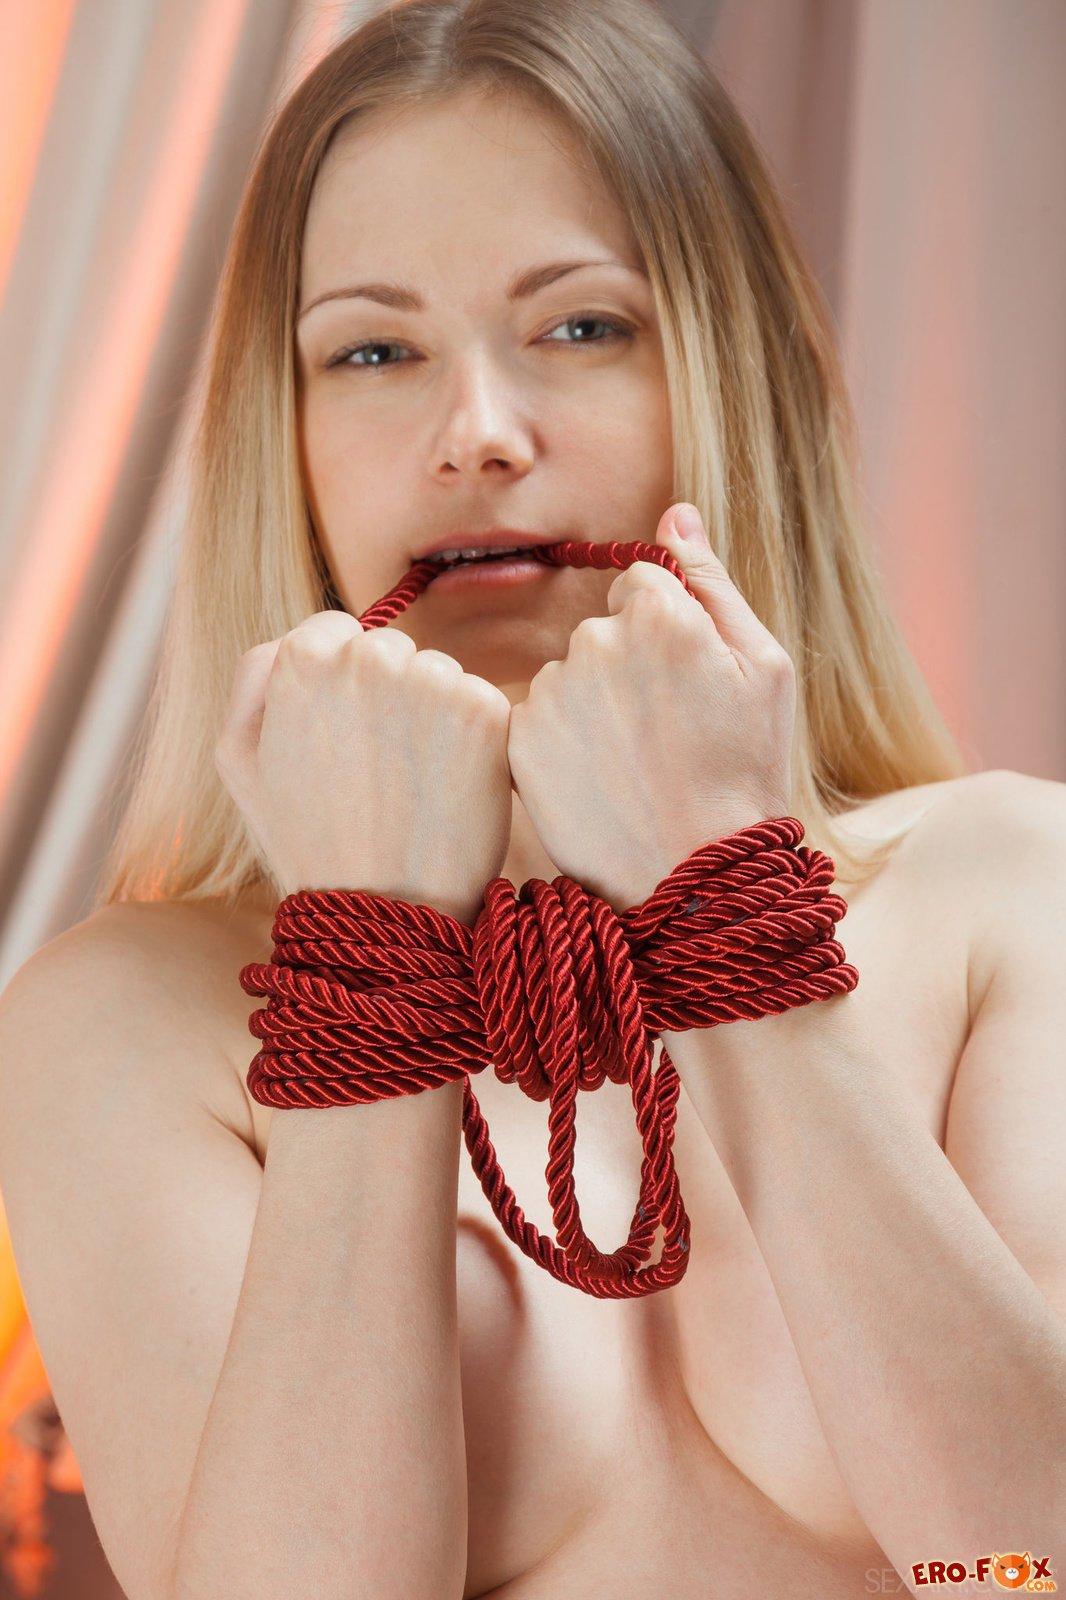 Голая девушка со связанными руками